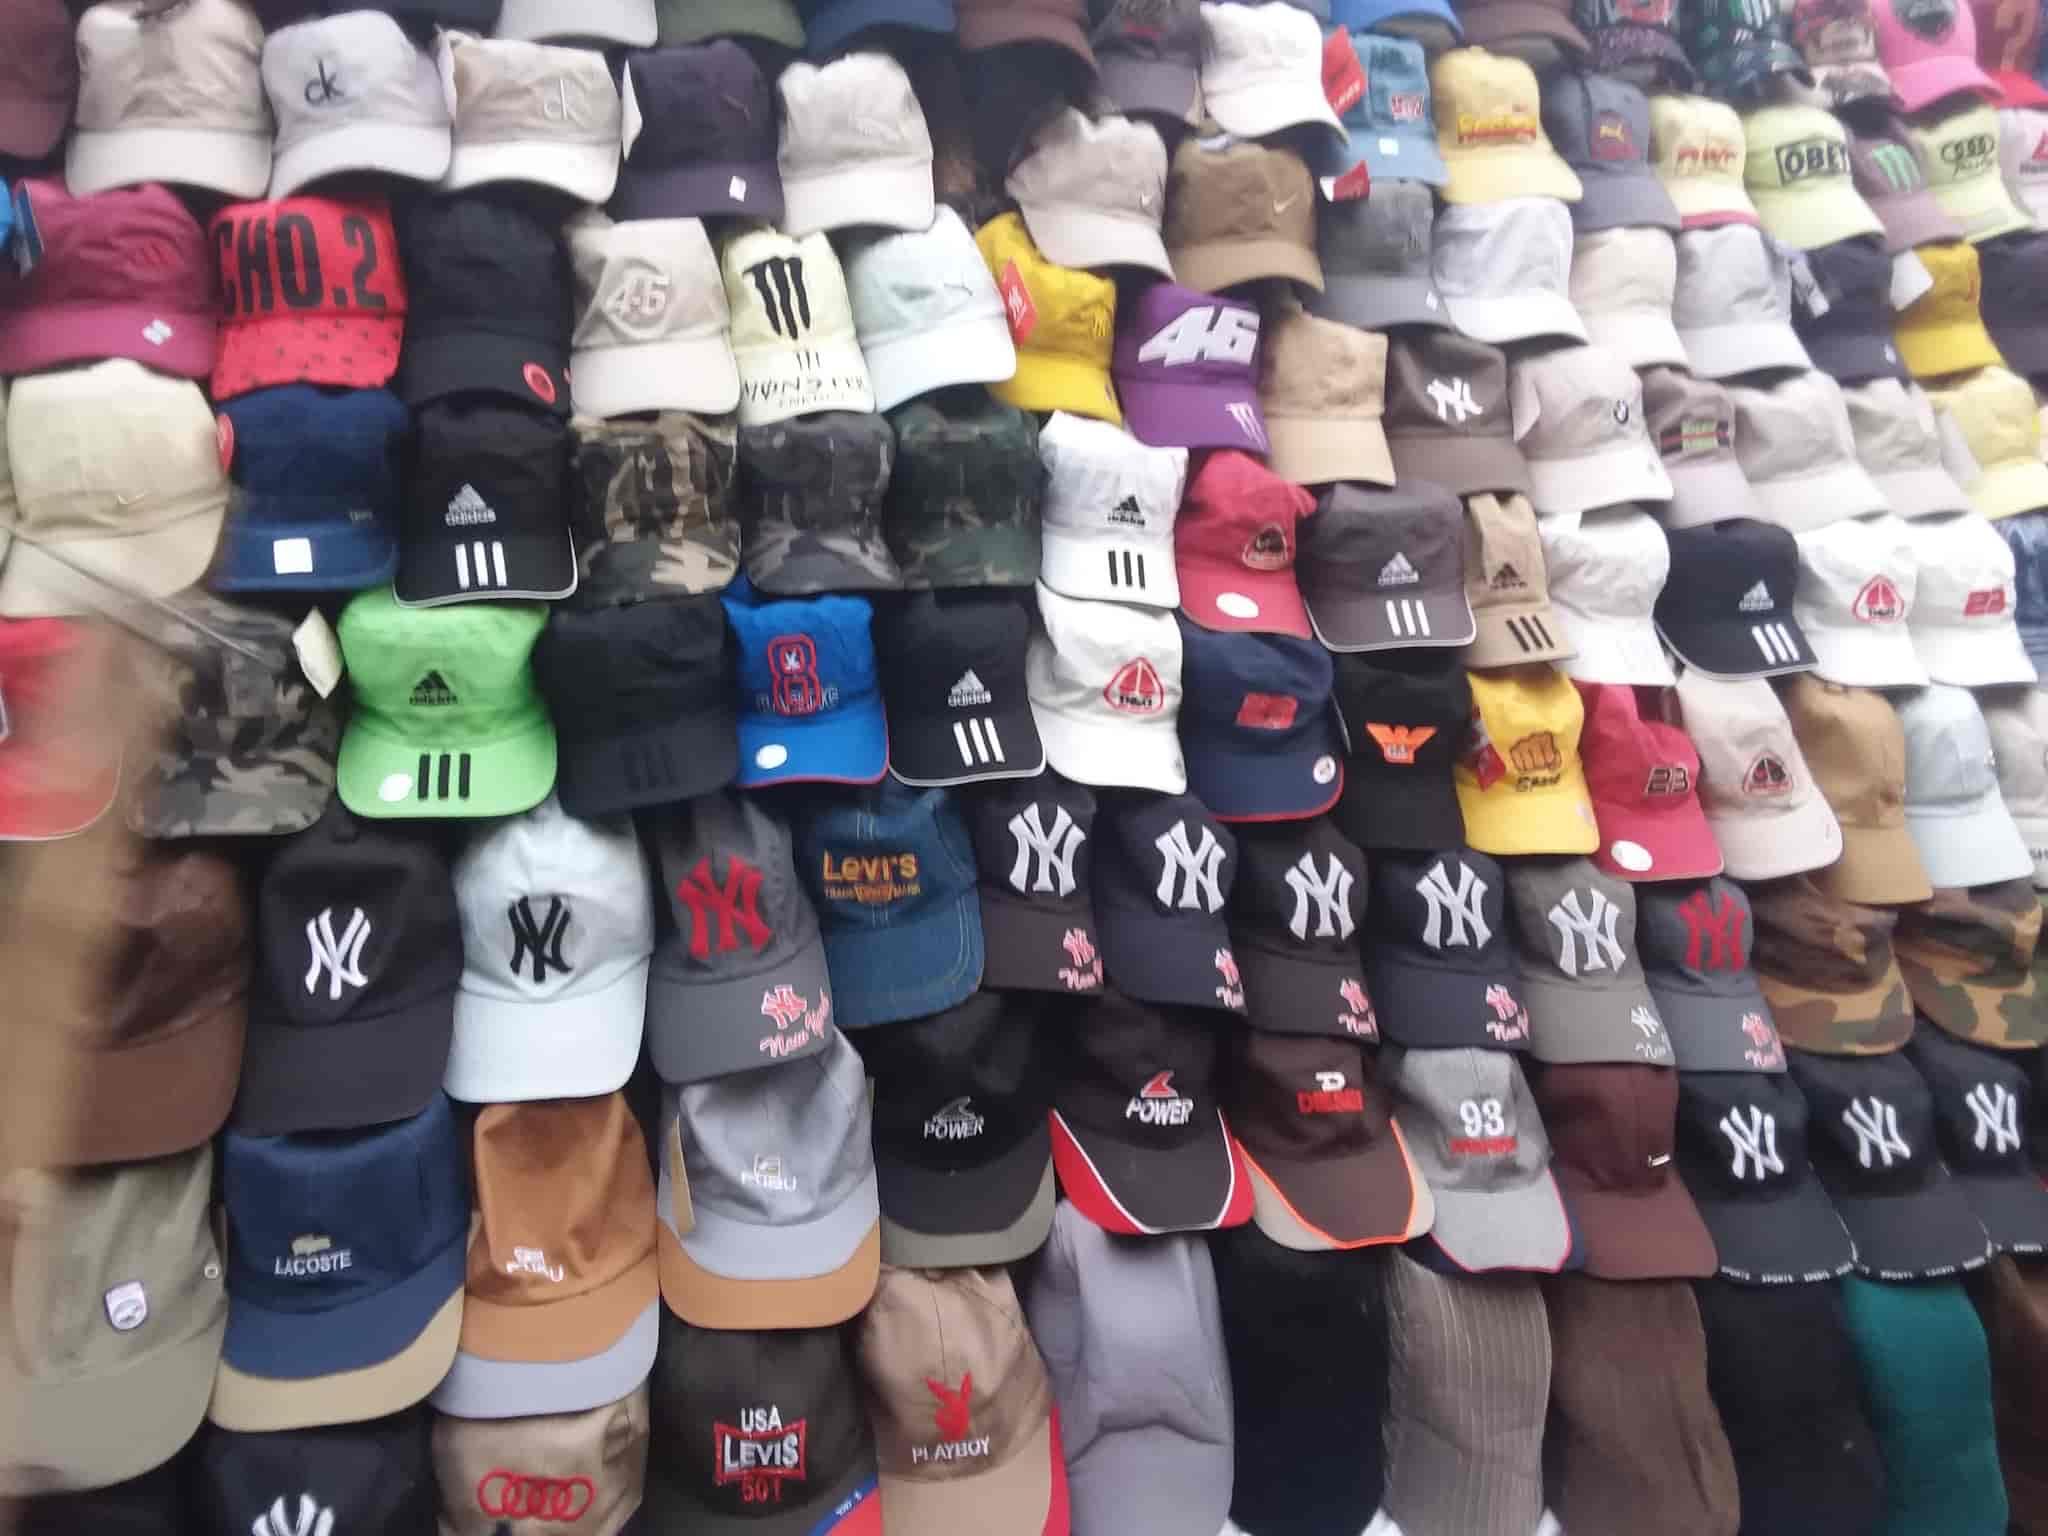 e6af03848 Suraj Caps Shop Photos, Chunni Ganj, Kanpur- Pictures & Images ...